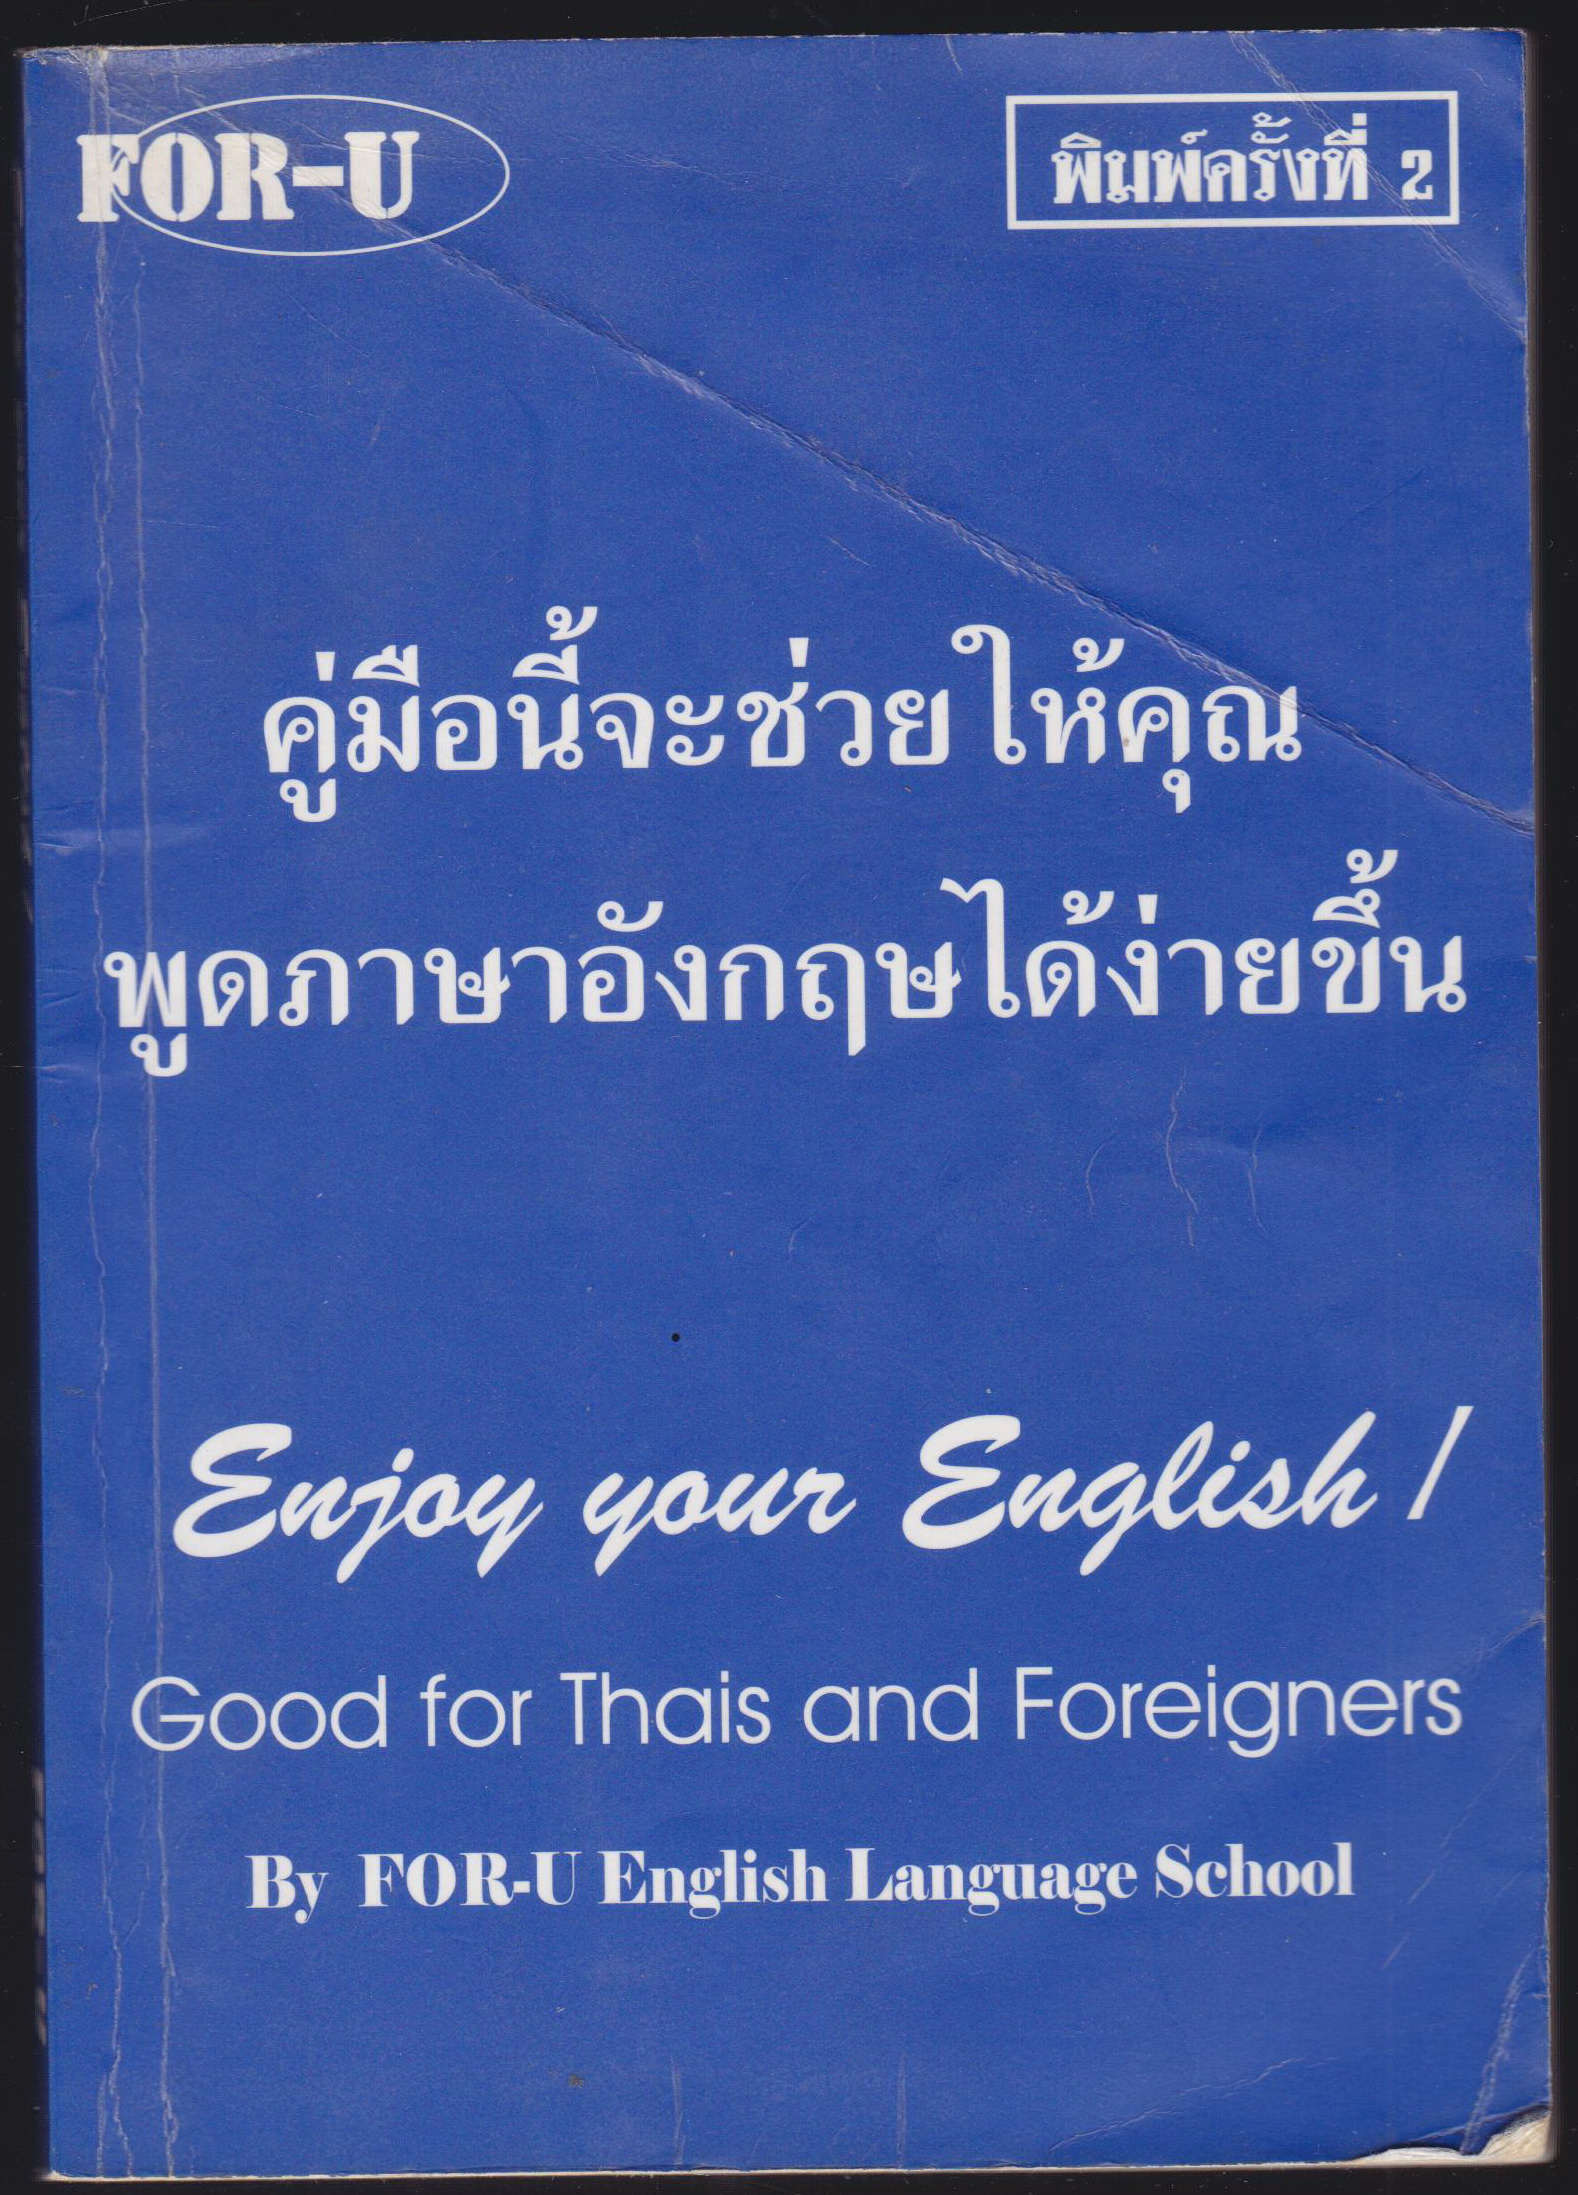 คู่มือนี้จะชวยให้คุณ พูดภาษาอังกฤษได้ง่ายขึ้น